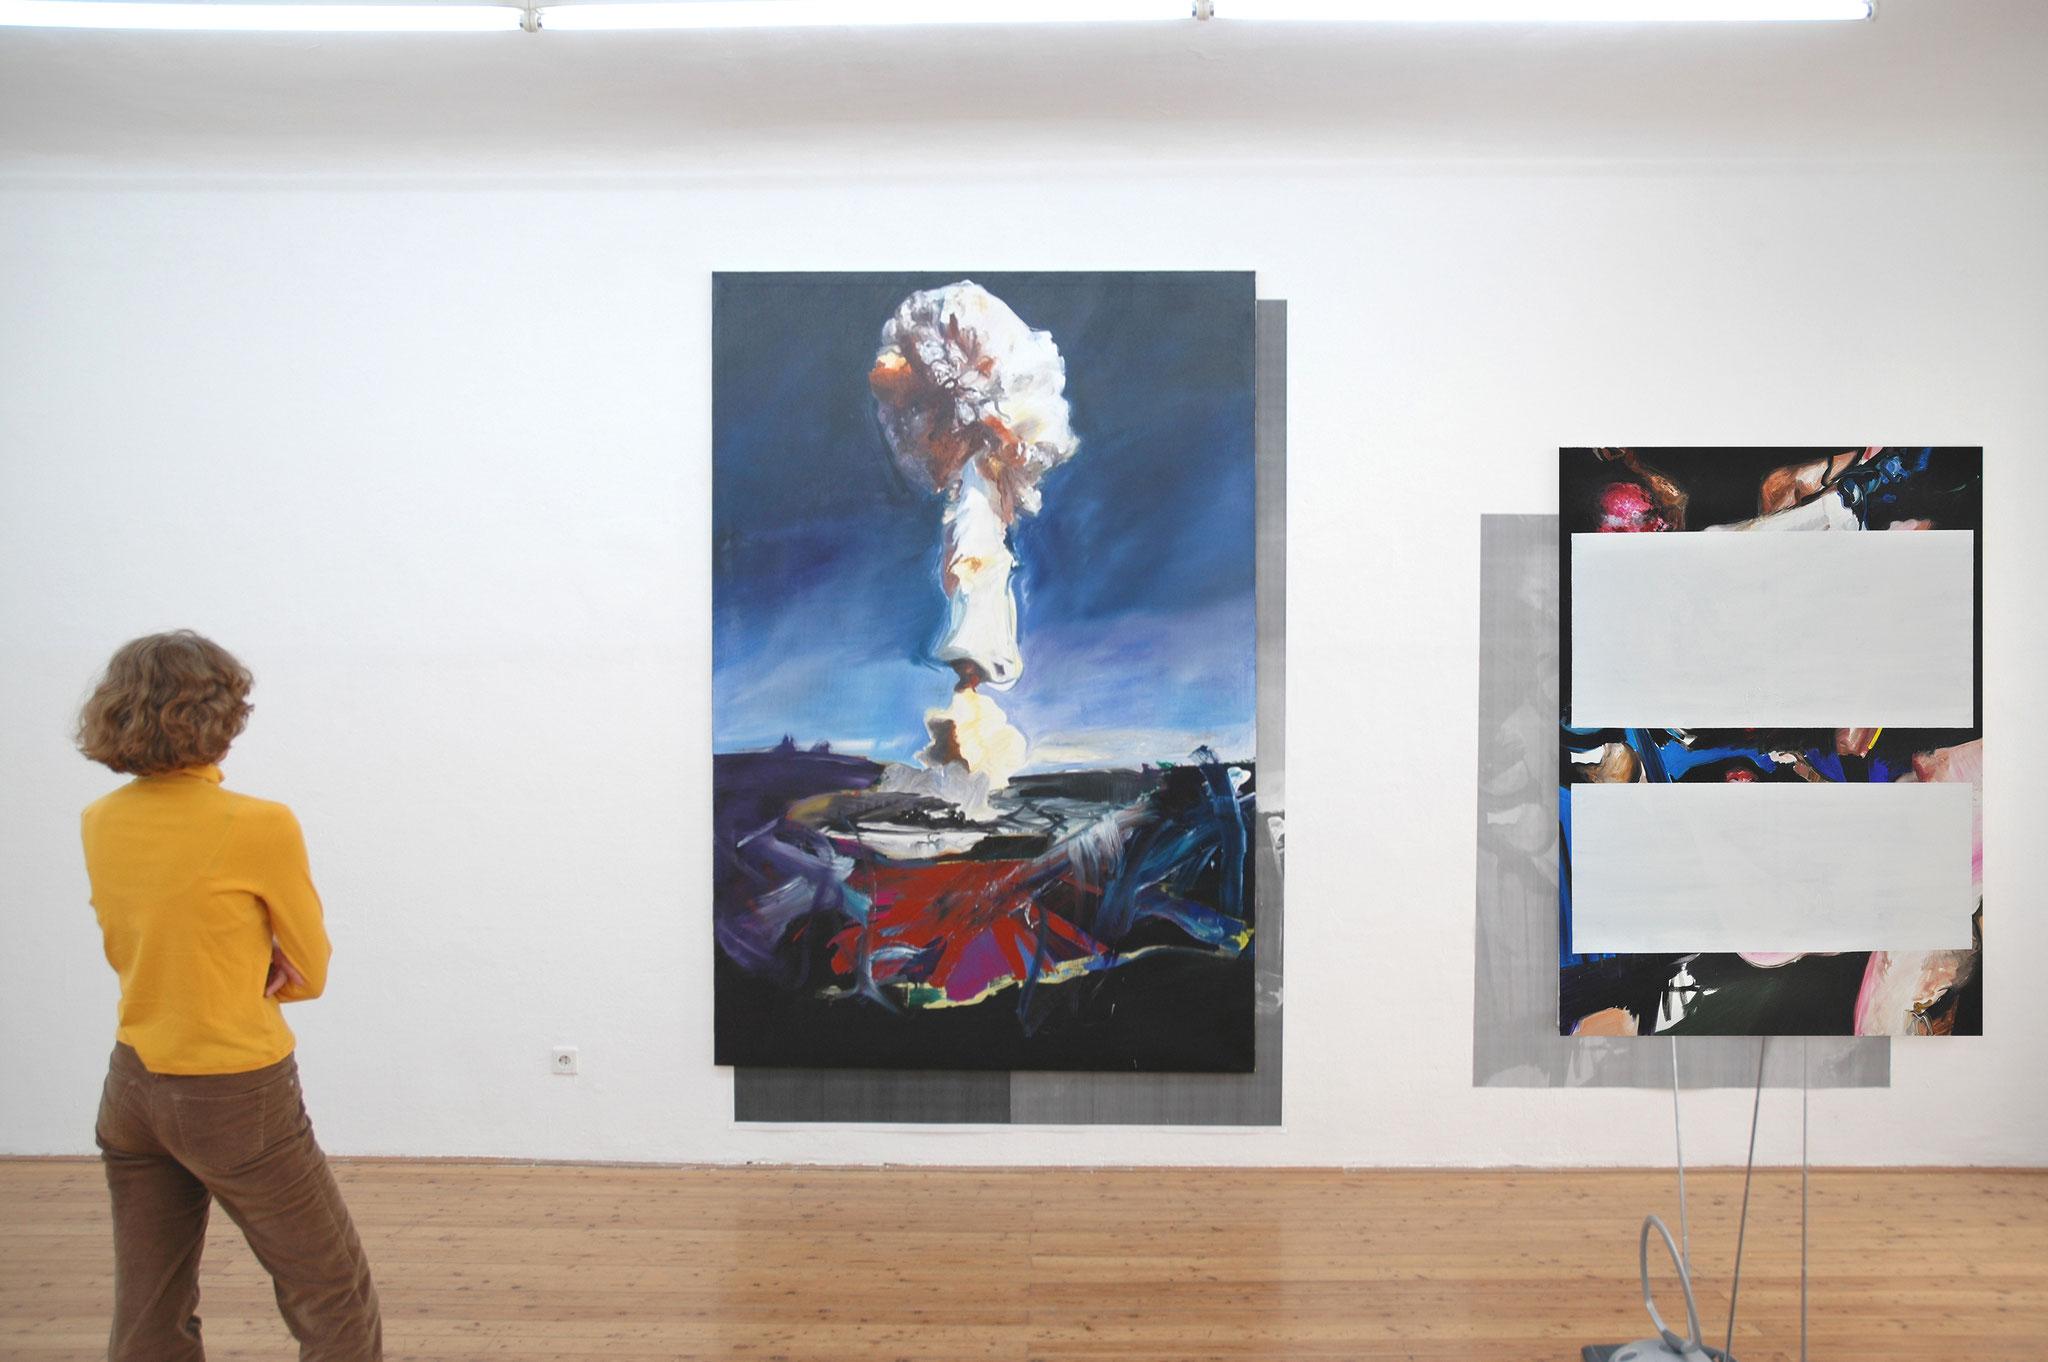 Recent Changes, Gallery 5020, Salzburg (AT), 2008